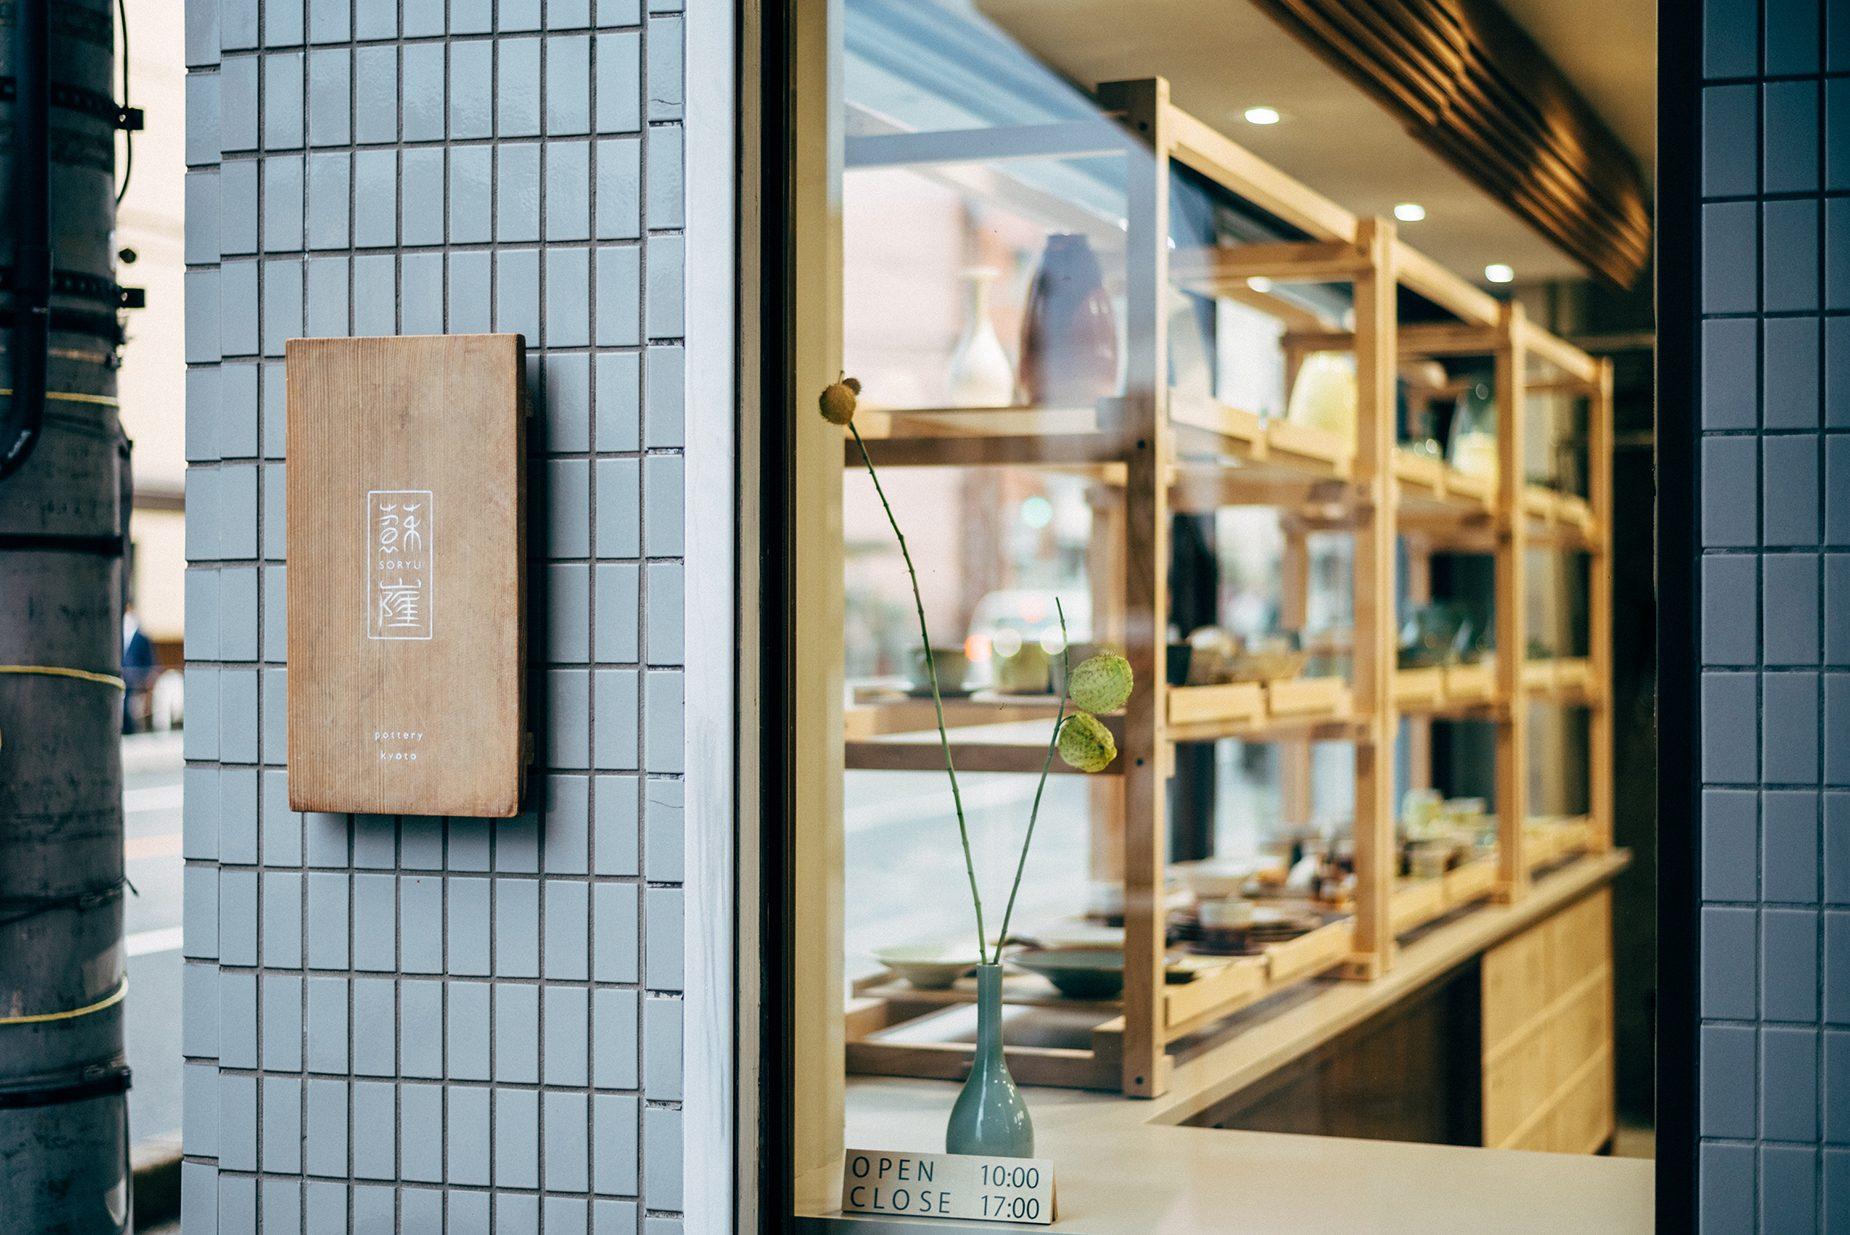 2018年11月にリニューアルしたばかりの「蘇嶐窯」の工房兼ギャラリー。